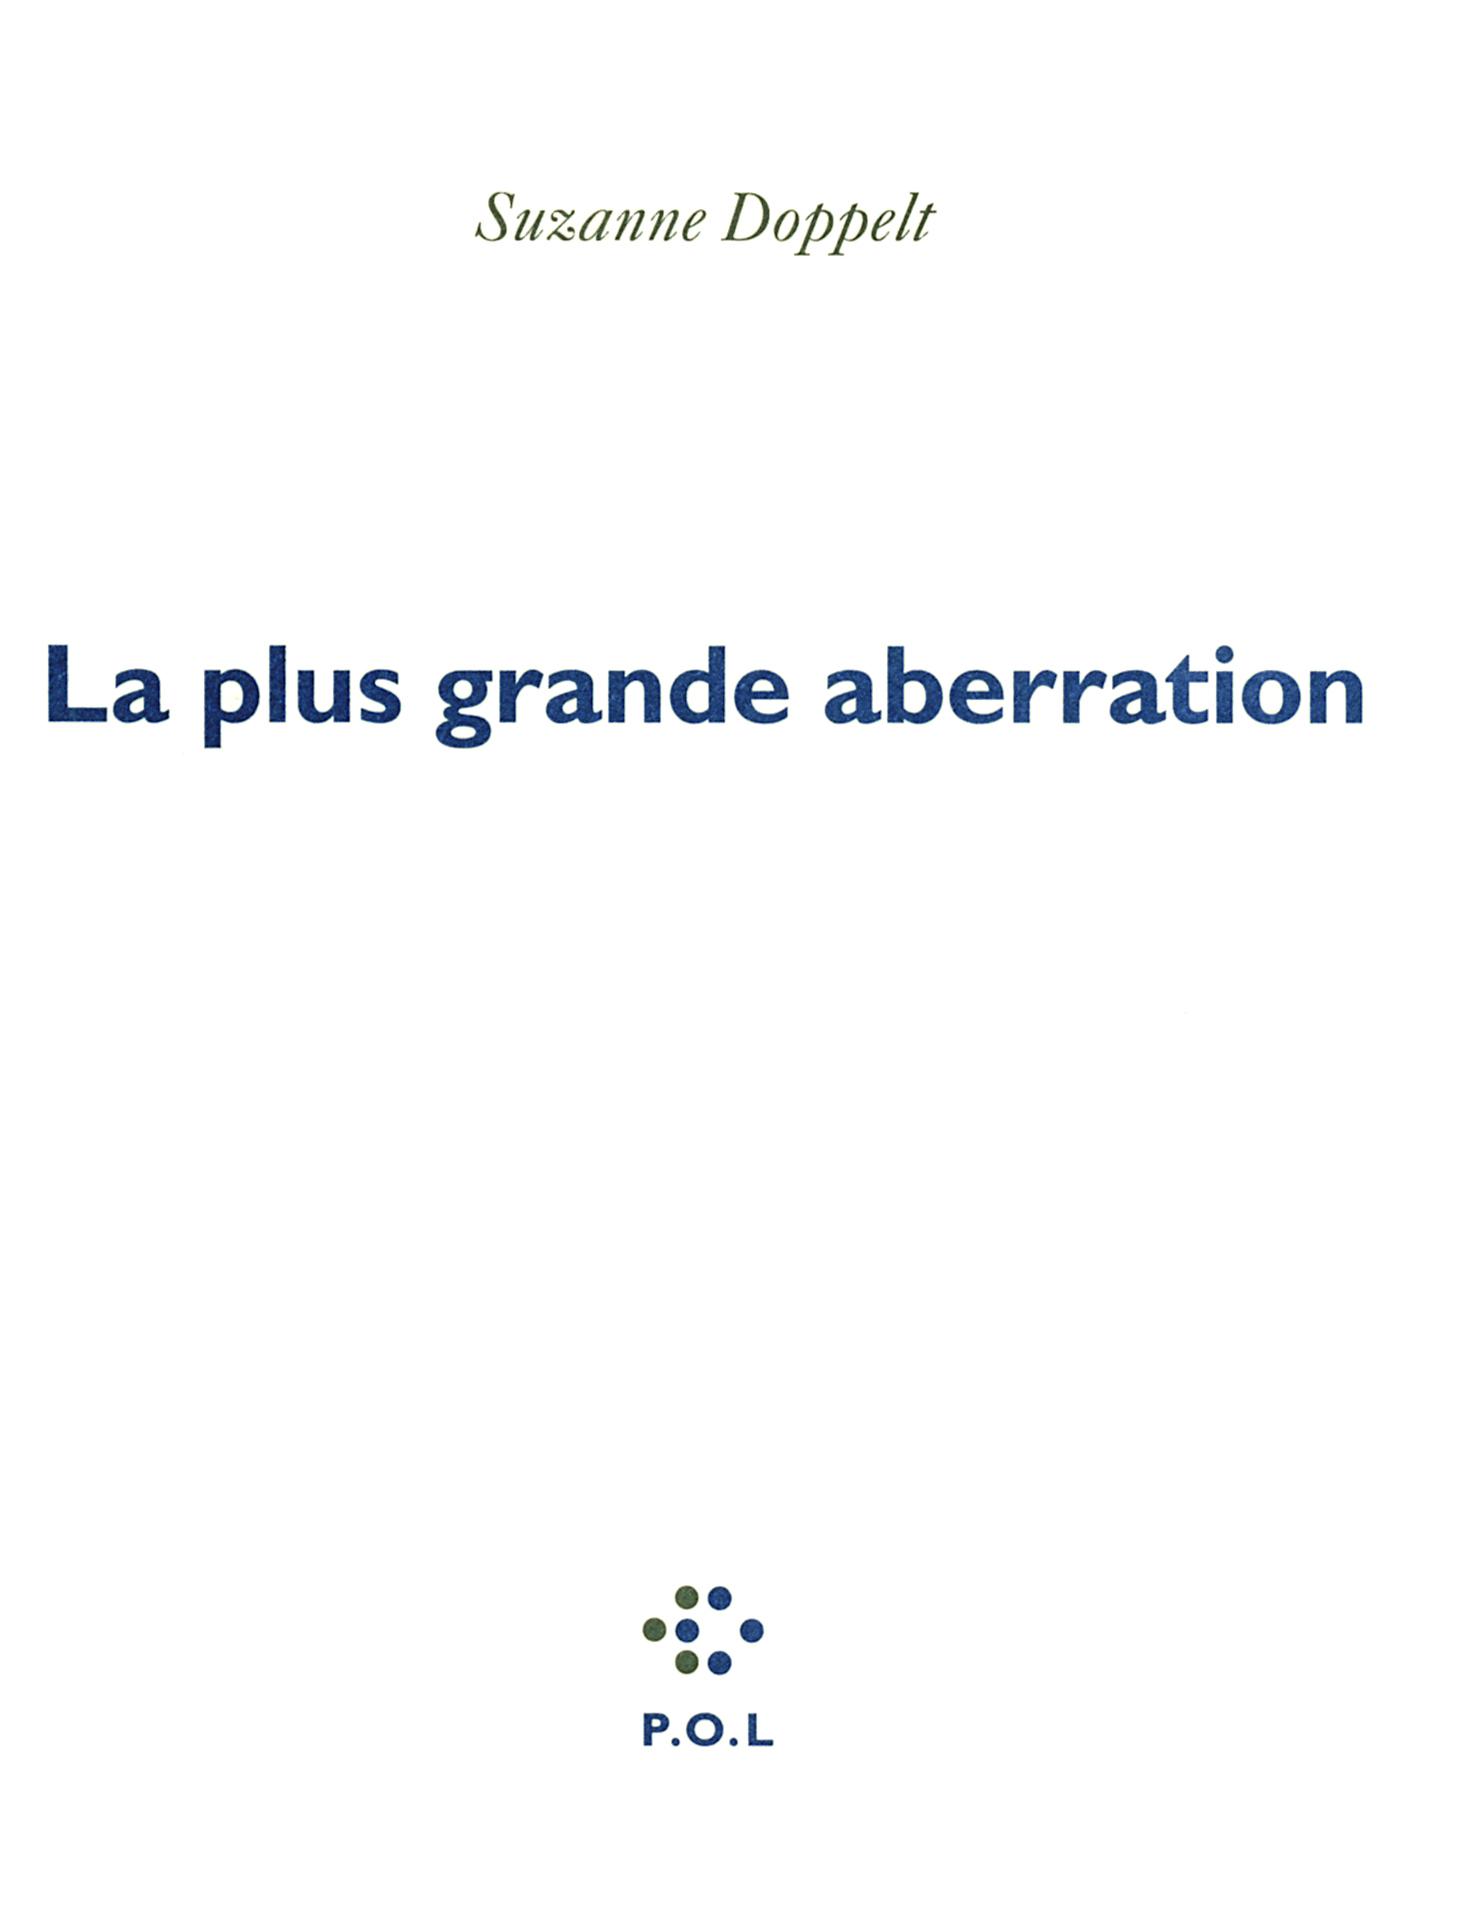 LA PLUS GRANDE ABERRATION